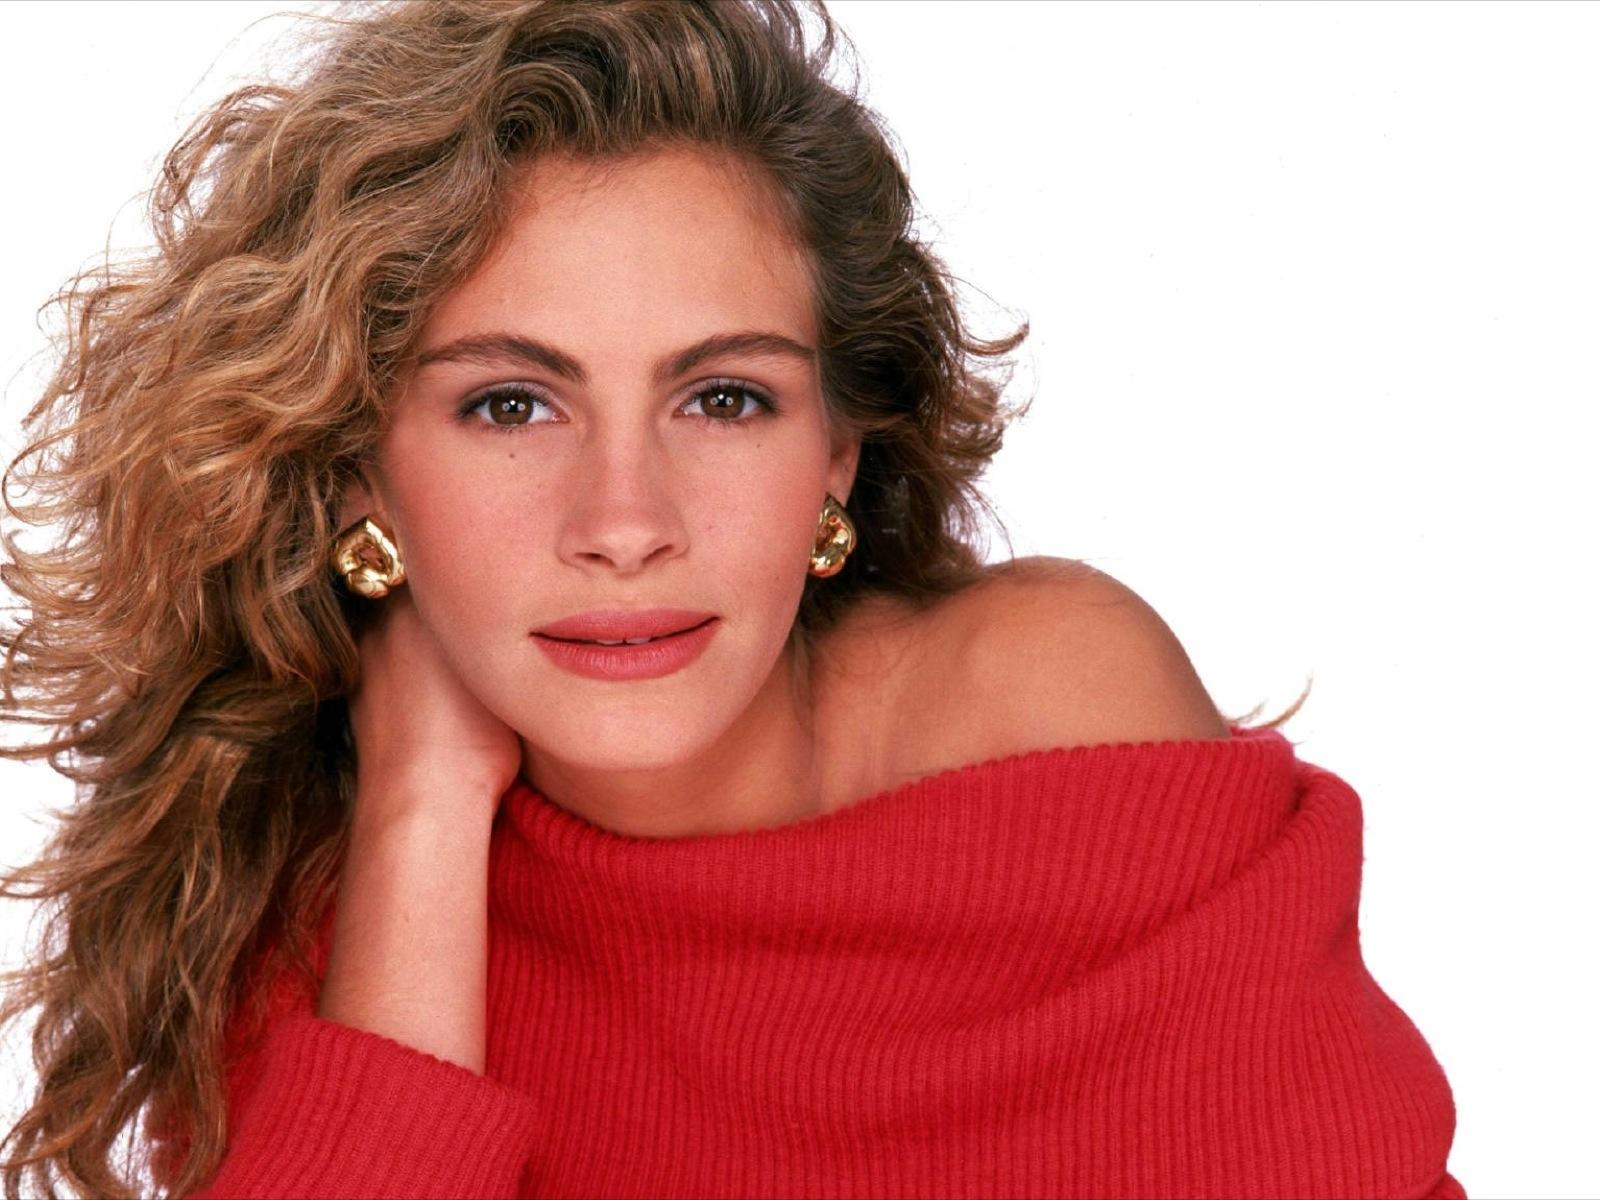 http://4.bp.blogspot.com/-IQ8qmXuBnfc/T5l2ixRVr8I/AAAAAAAA2FY/5dLsjfjF17w/s1600/Julia+Roberts.jpg